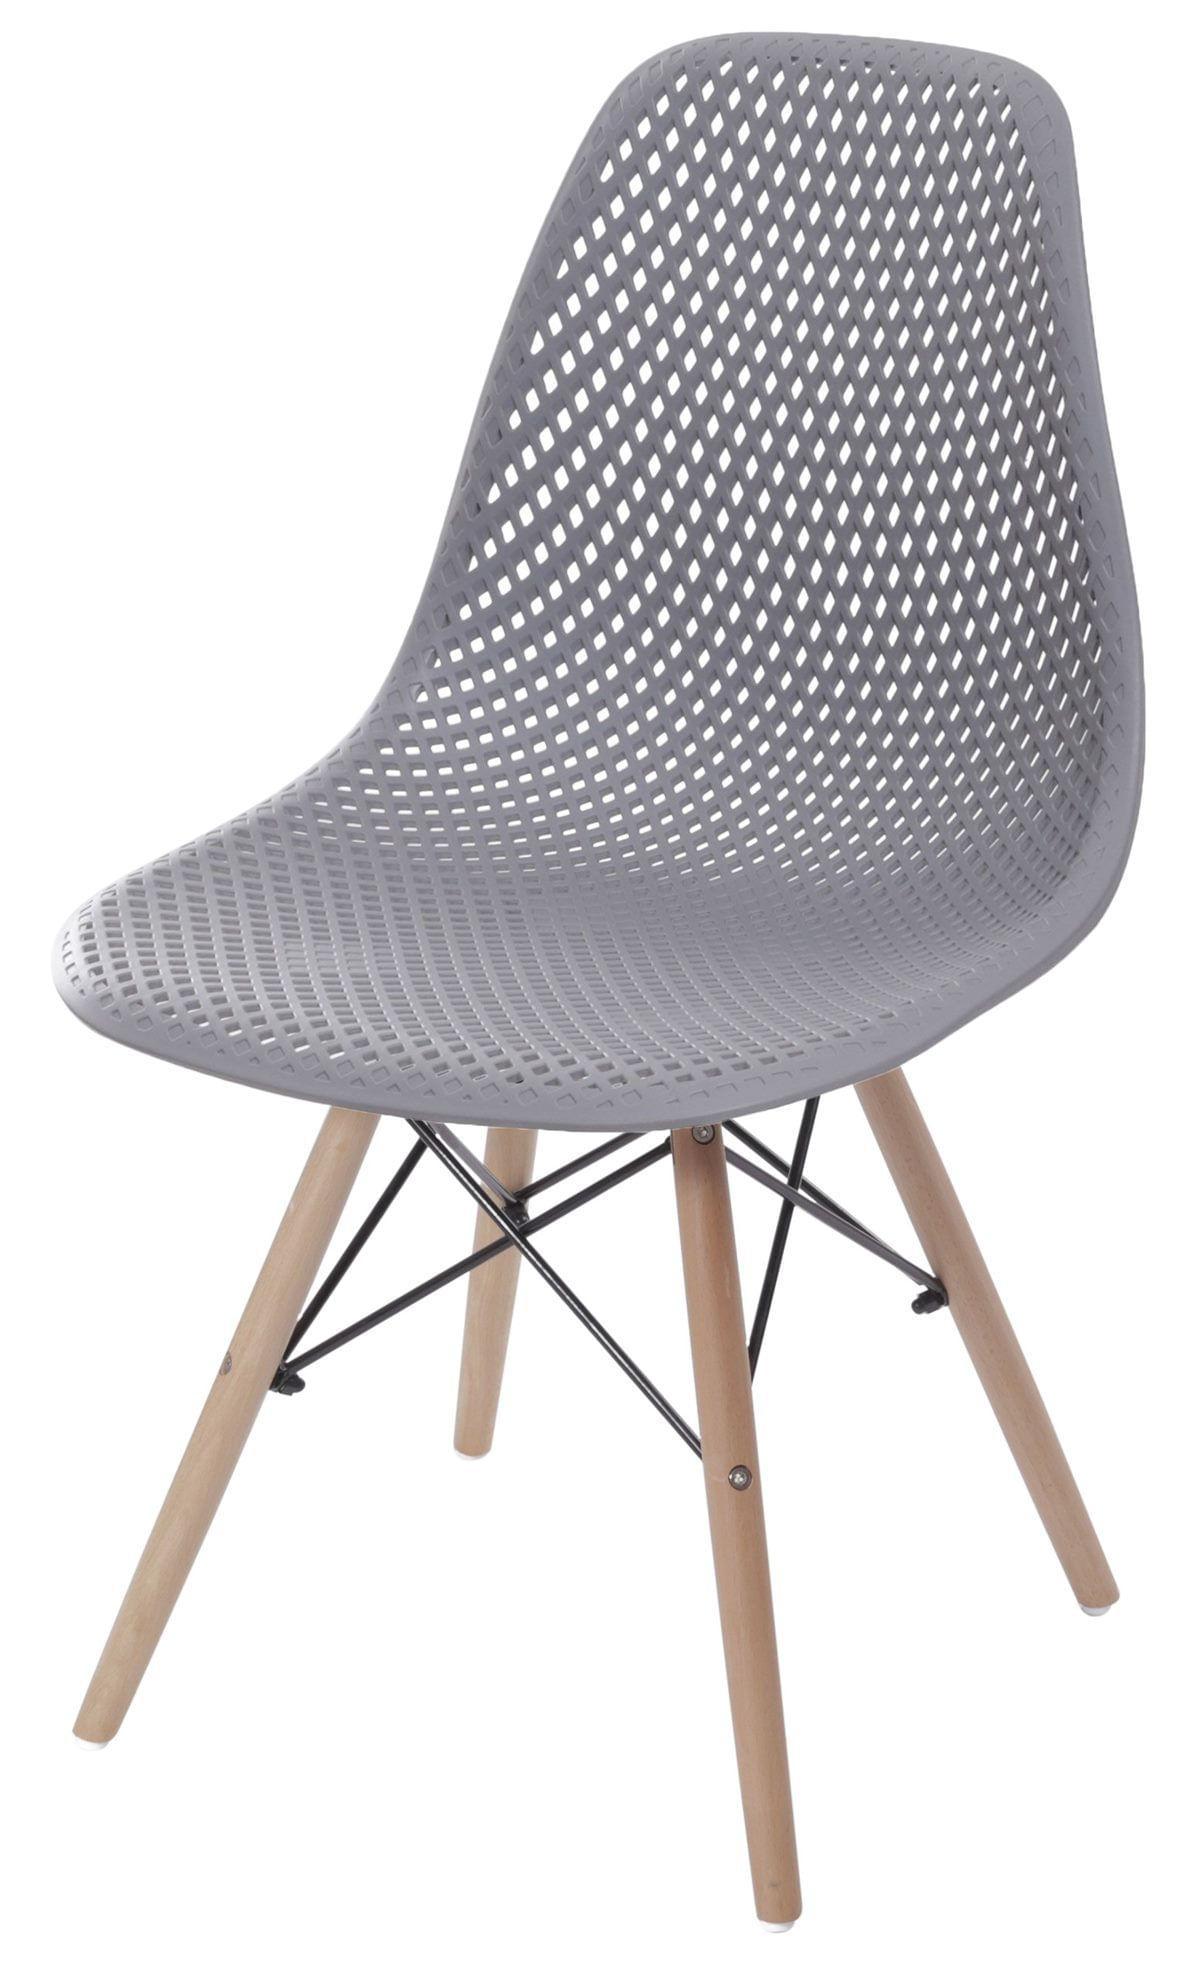 Cadeira Eames Furadinha cor Cinza com Base Madeira - 55984